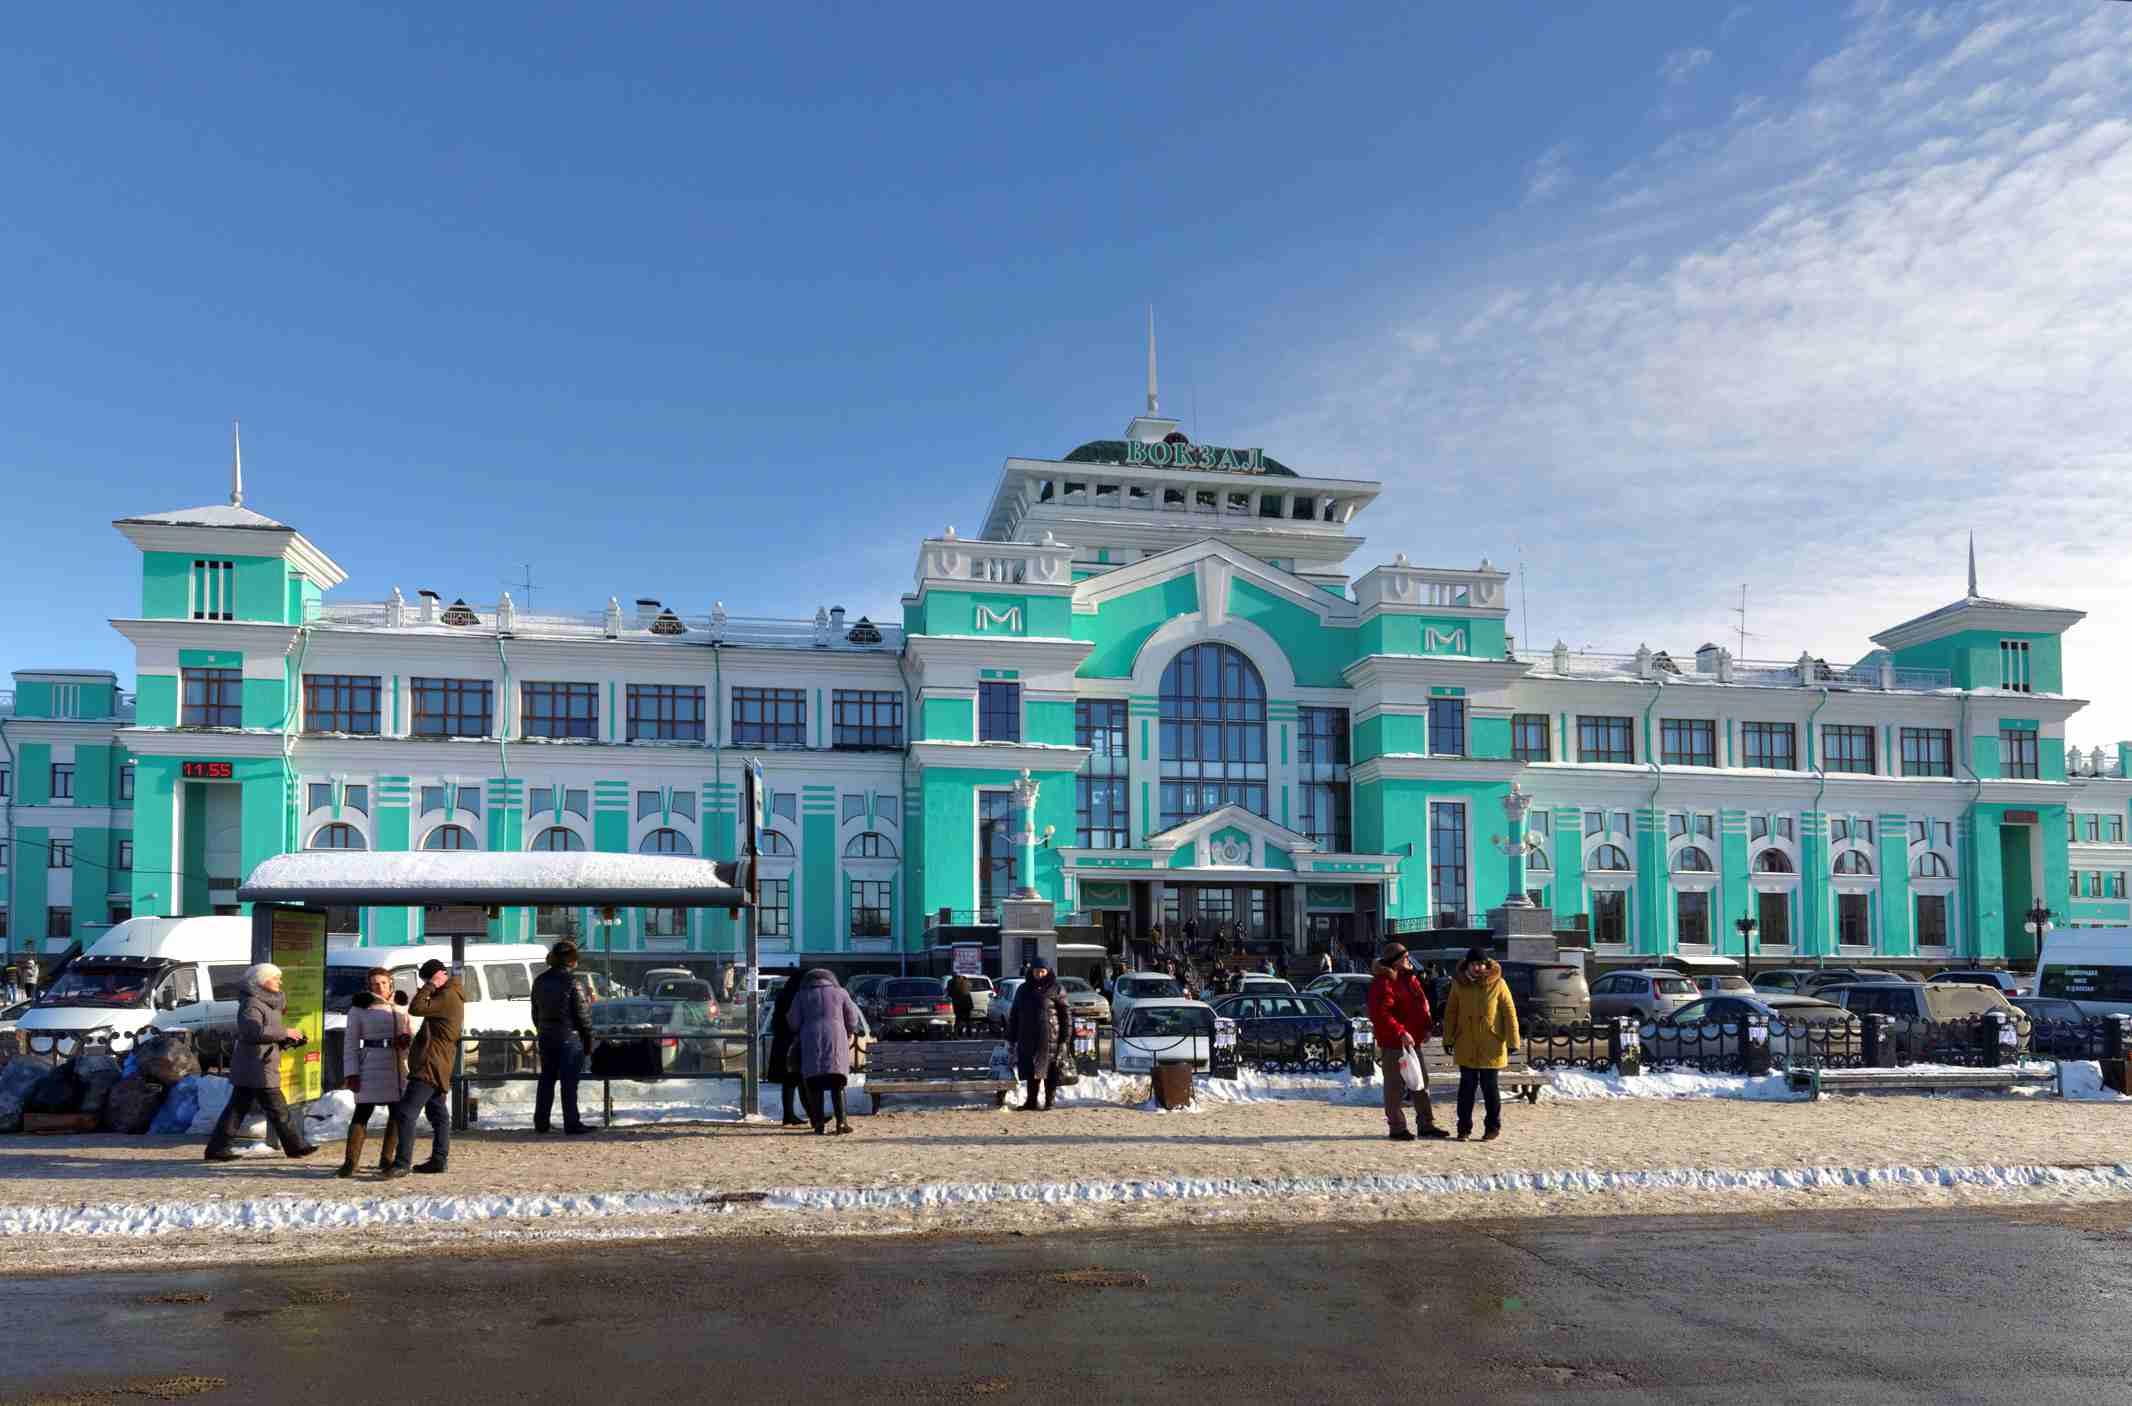 Omsk Railway Station